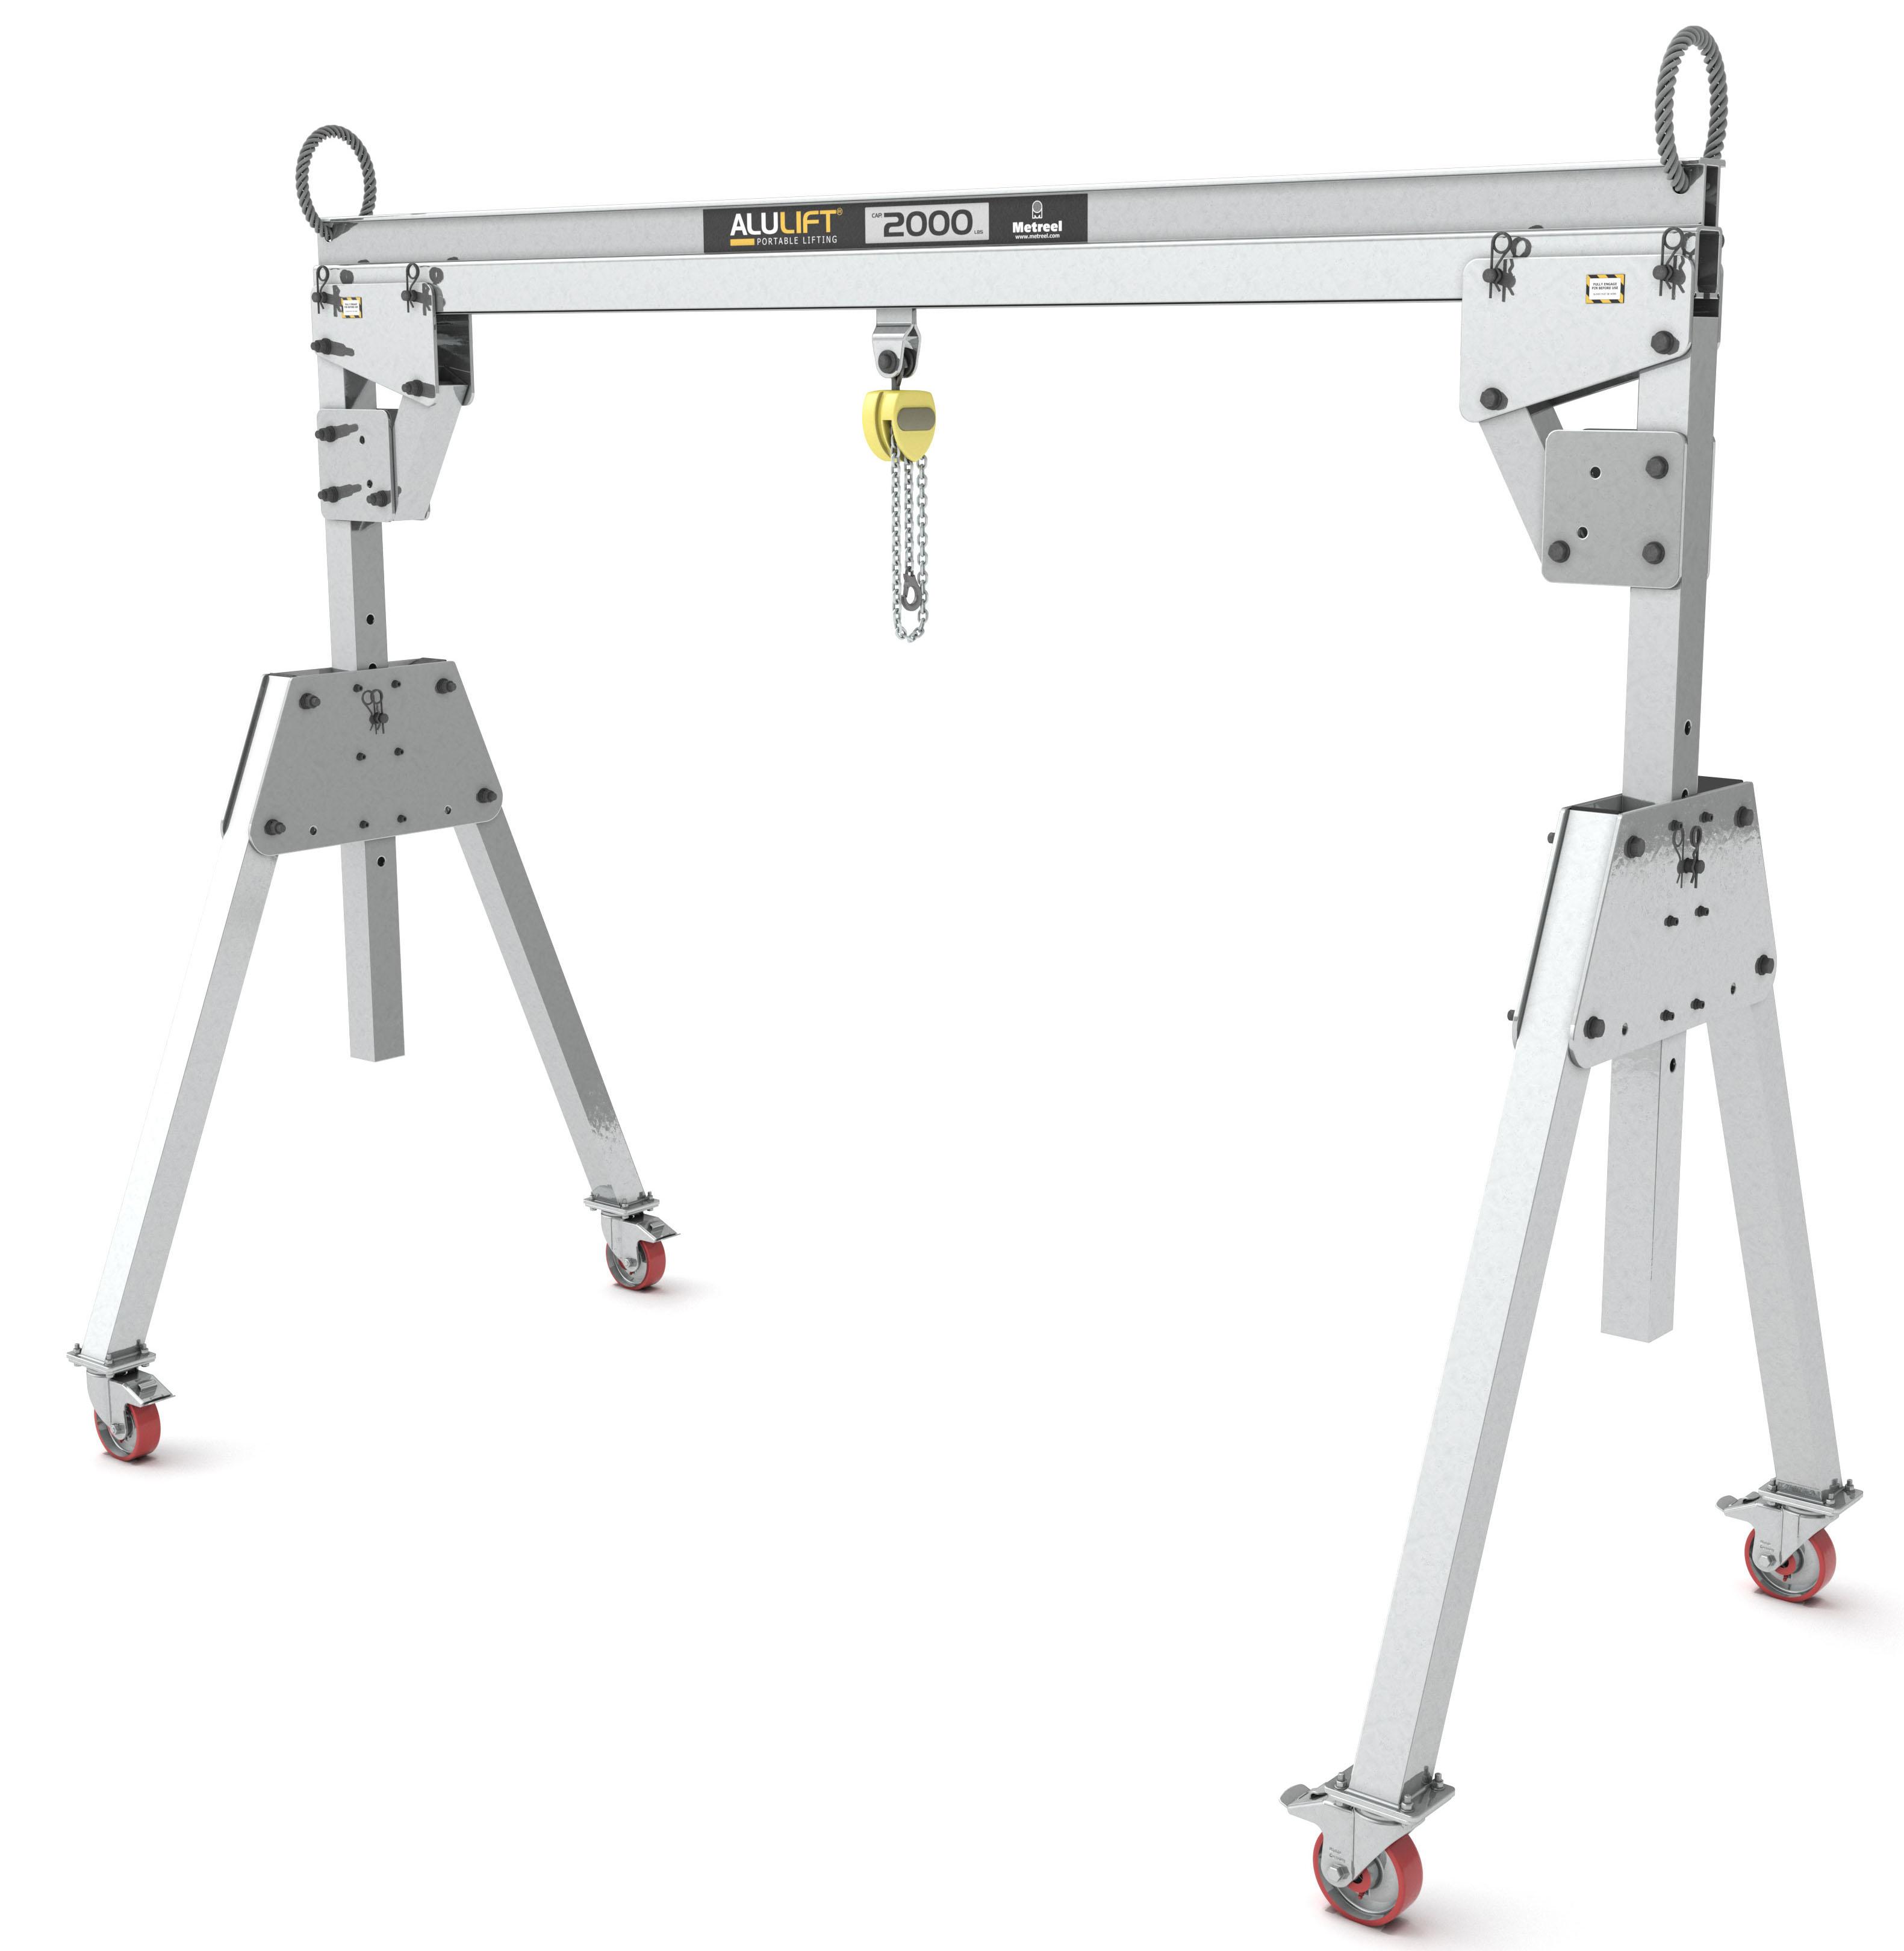 Alulift Portable Aluminum Gantry Crane